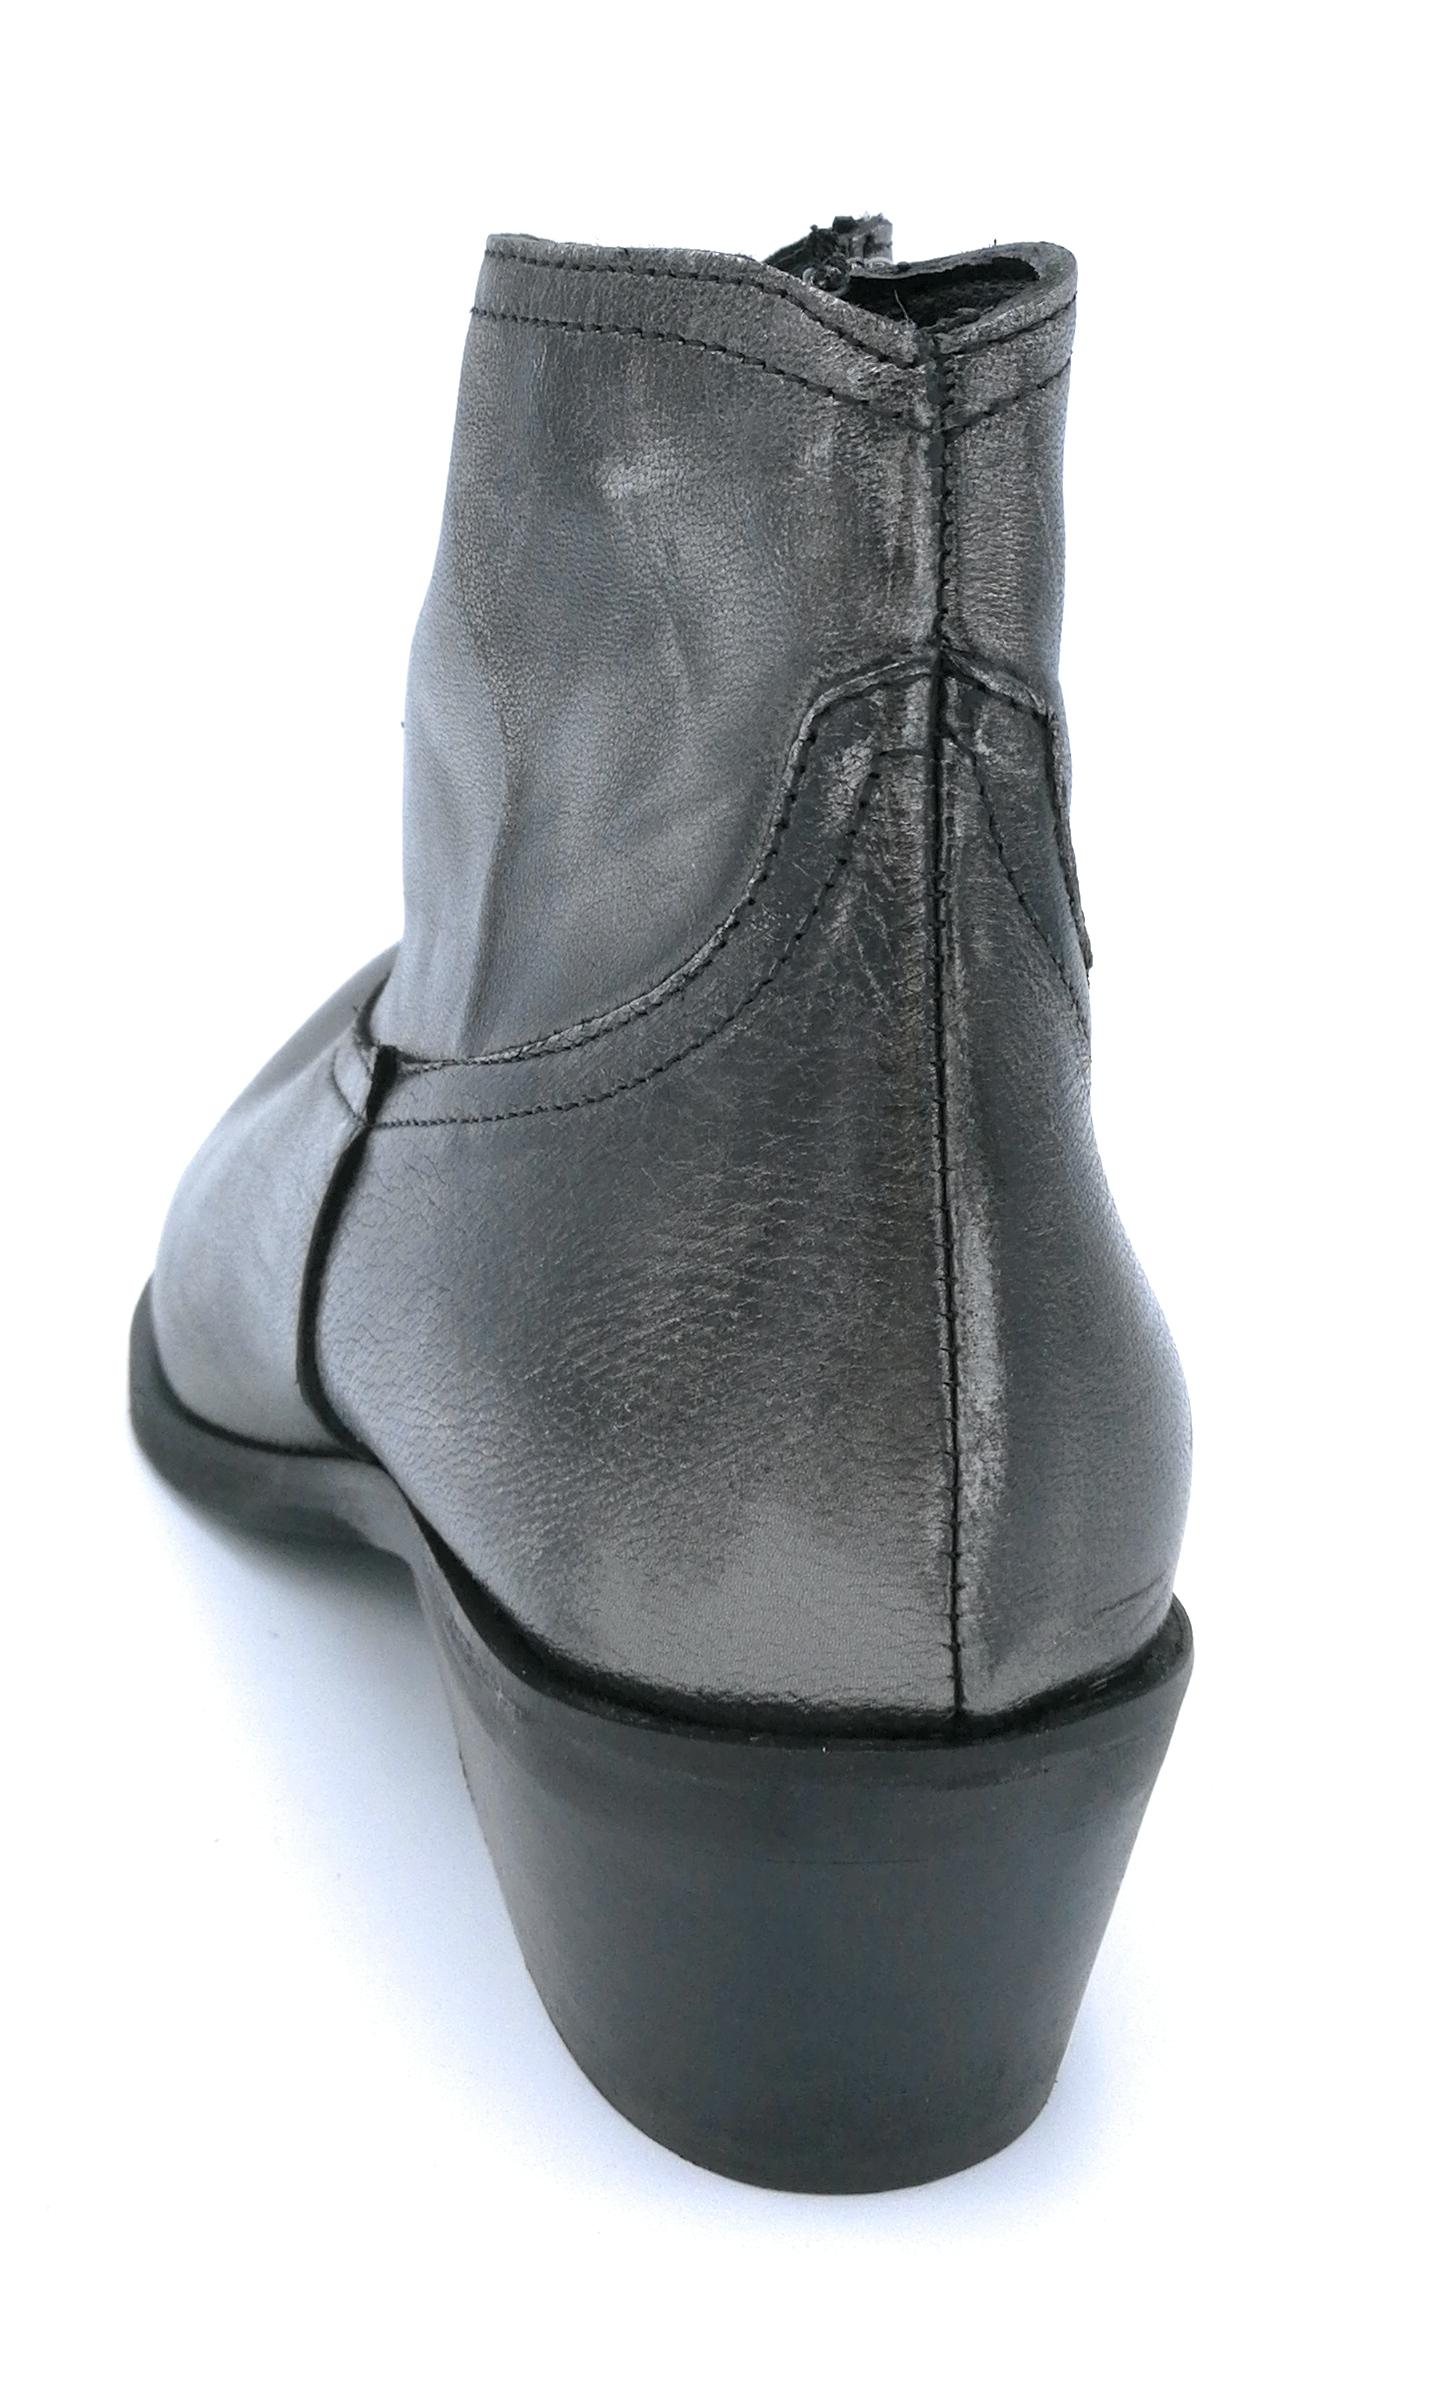 Mary 4313 pelle stivaletto texano pelle 4313 nero/piombo con cerniera dd47c3